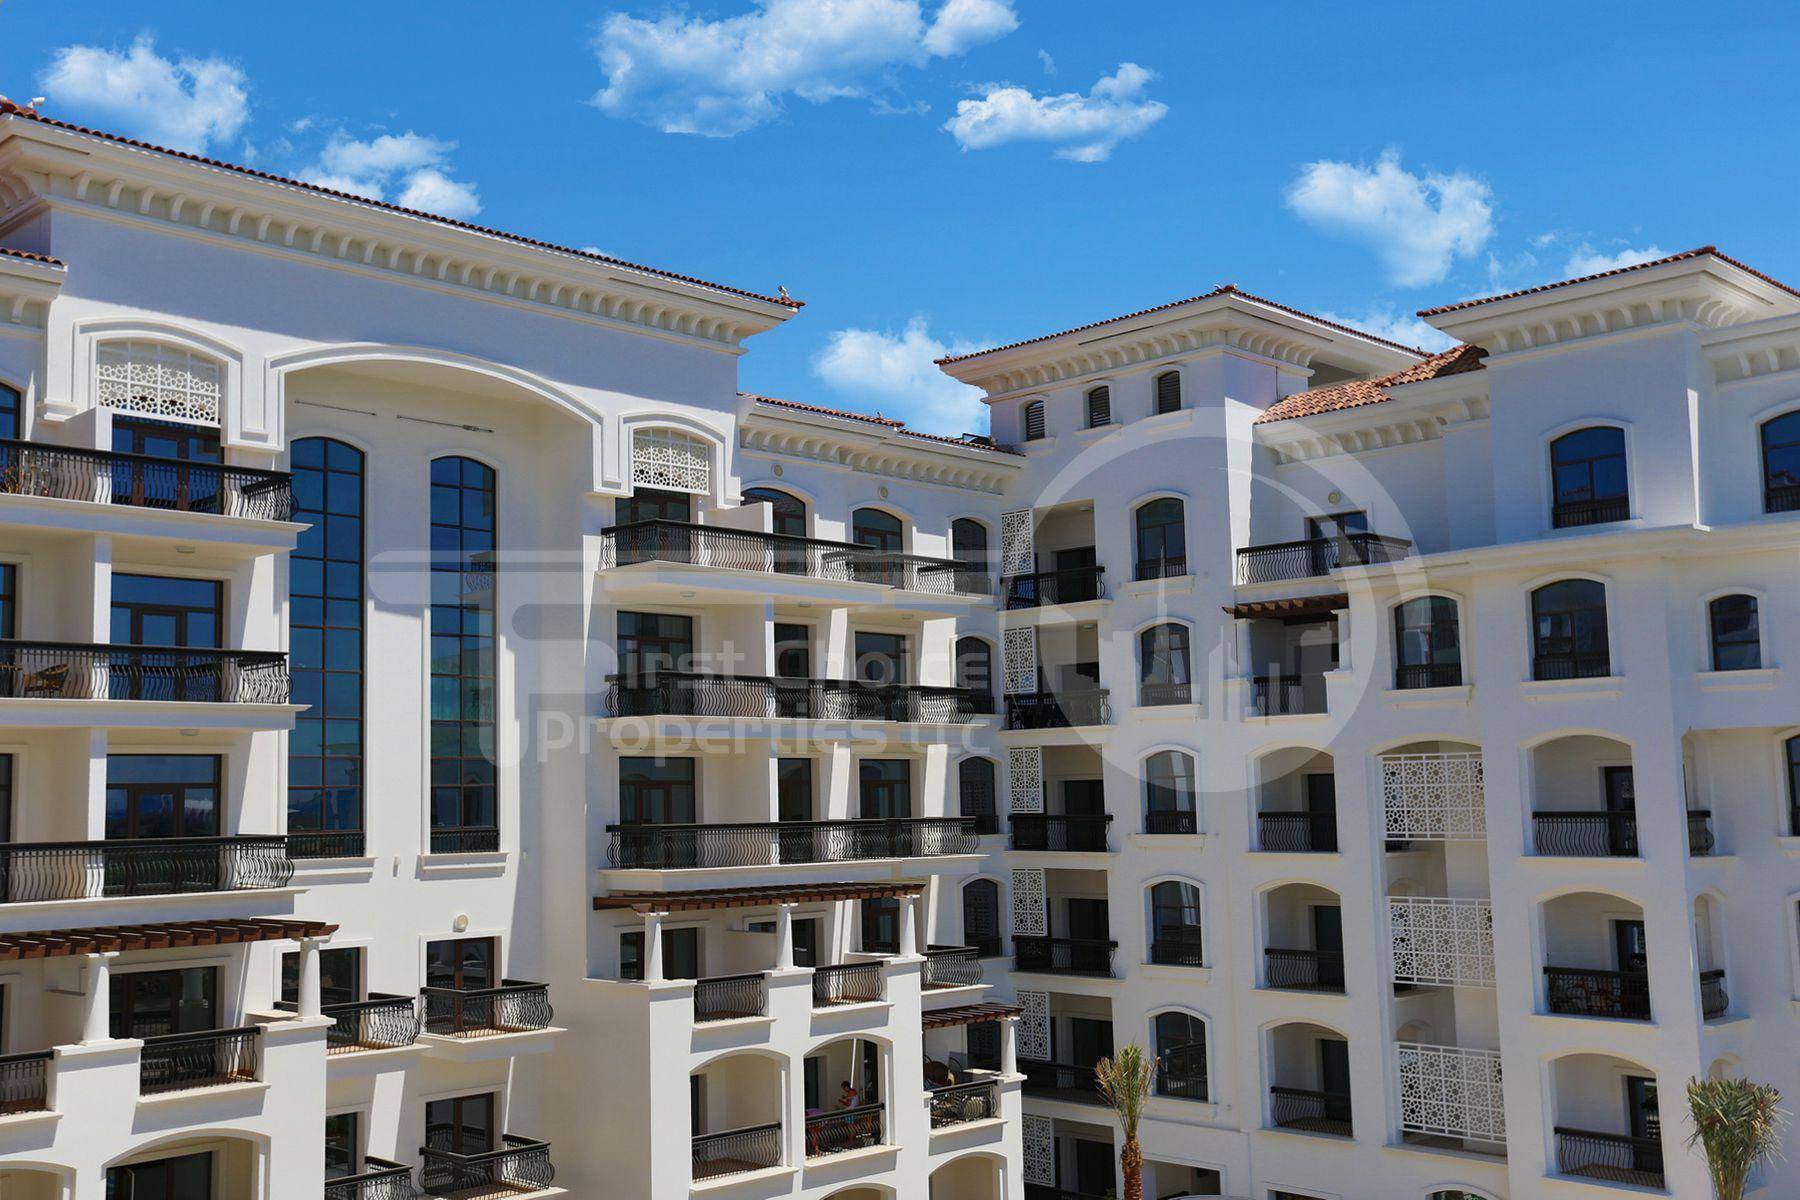 Studio - 1BR - 2BR - 3BR Apartment - UAE - Abu Dhabi - Yas Island - Ansam (14).jpg